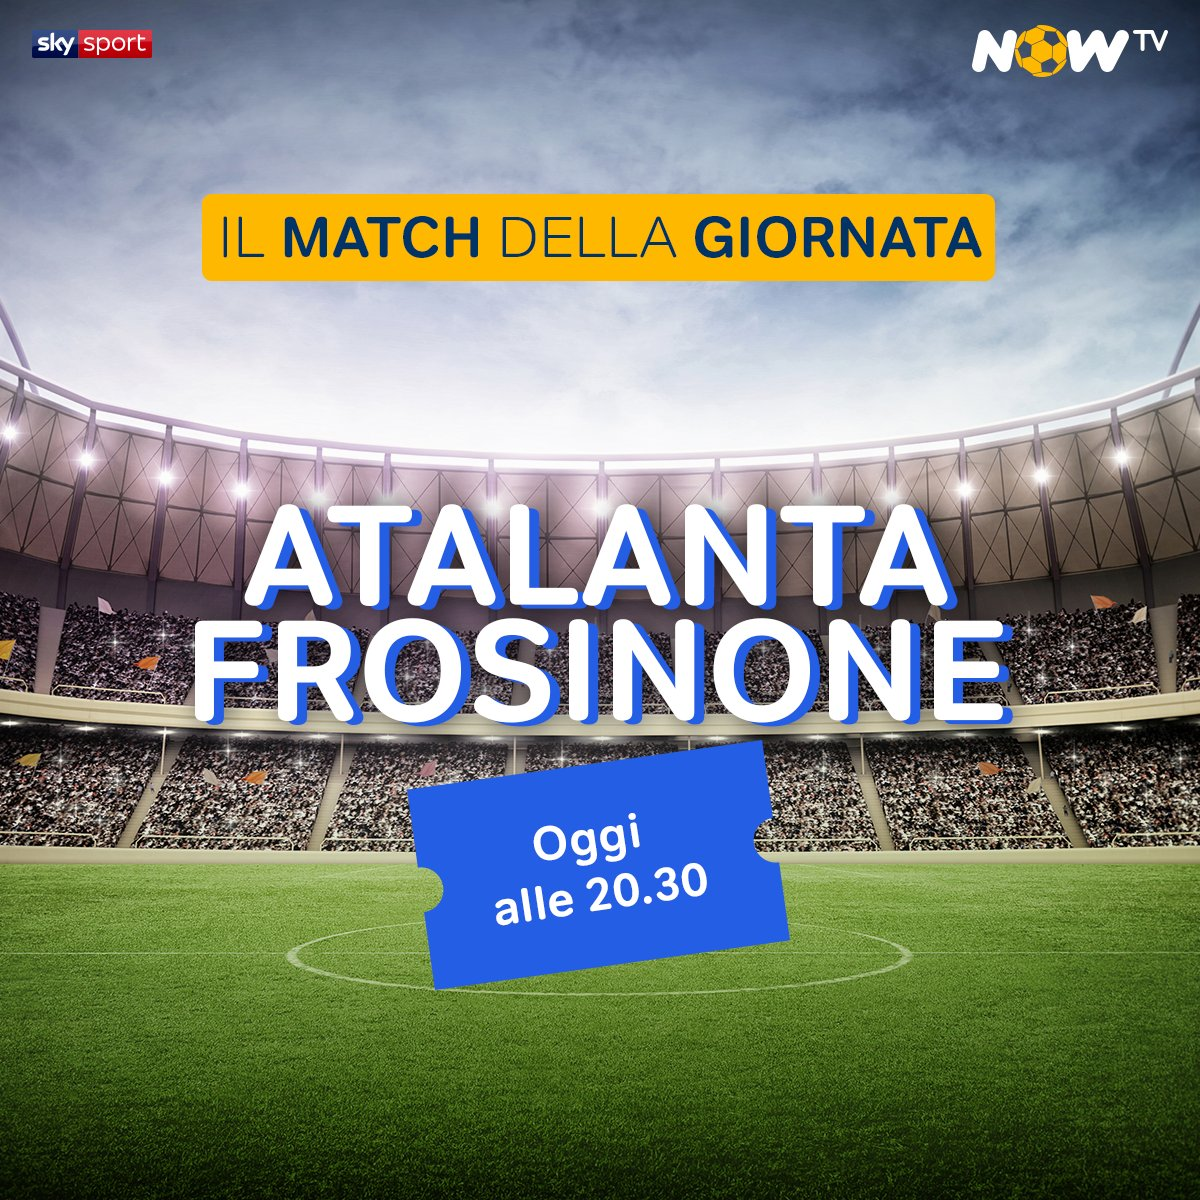 #AtalantaFrosinone